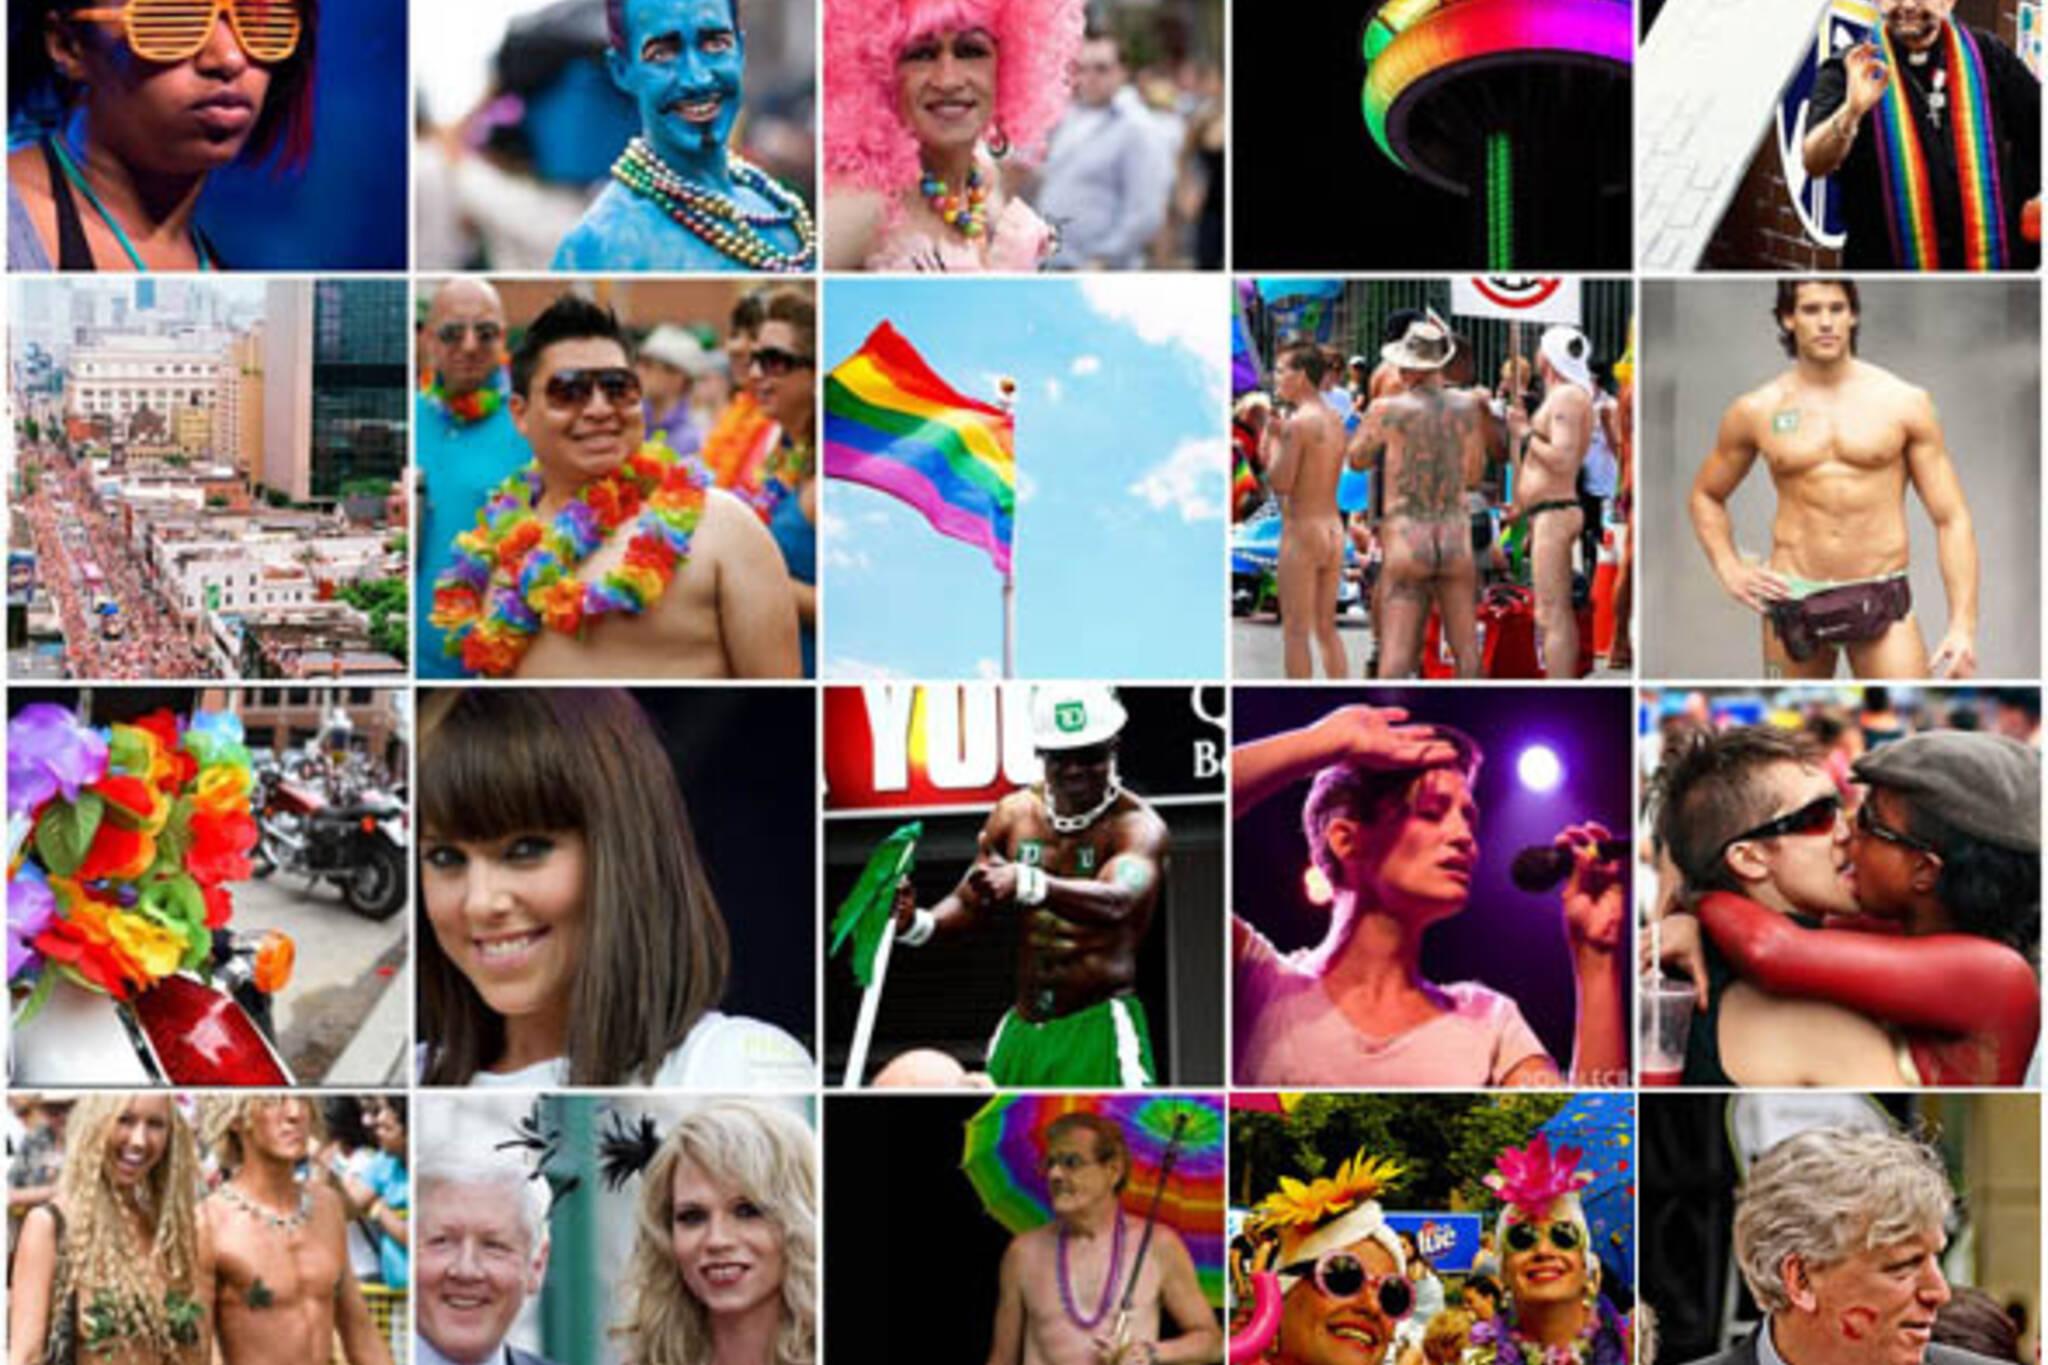 Flickr Forum: July 4th, 2008 - Pride